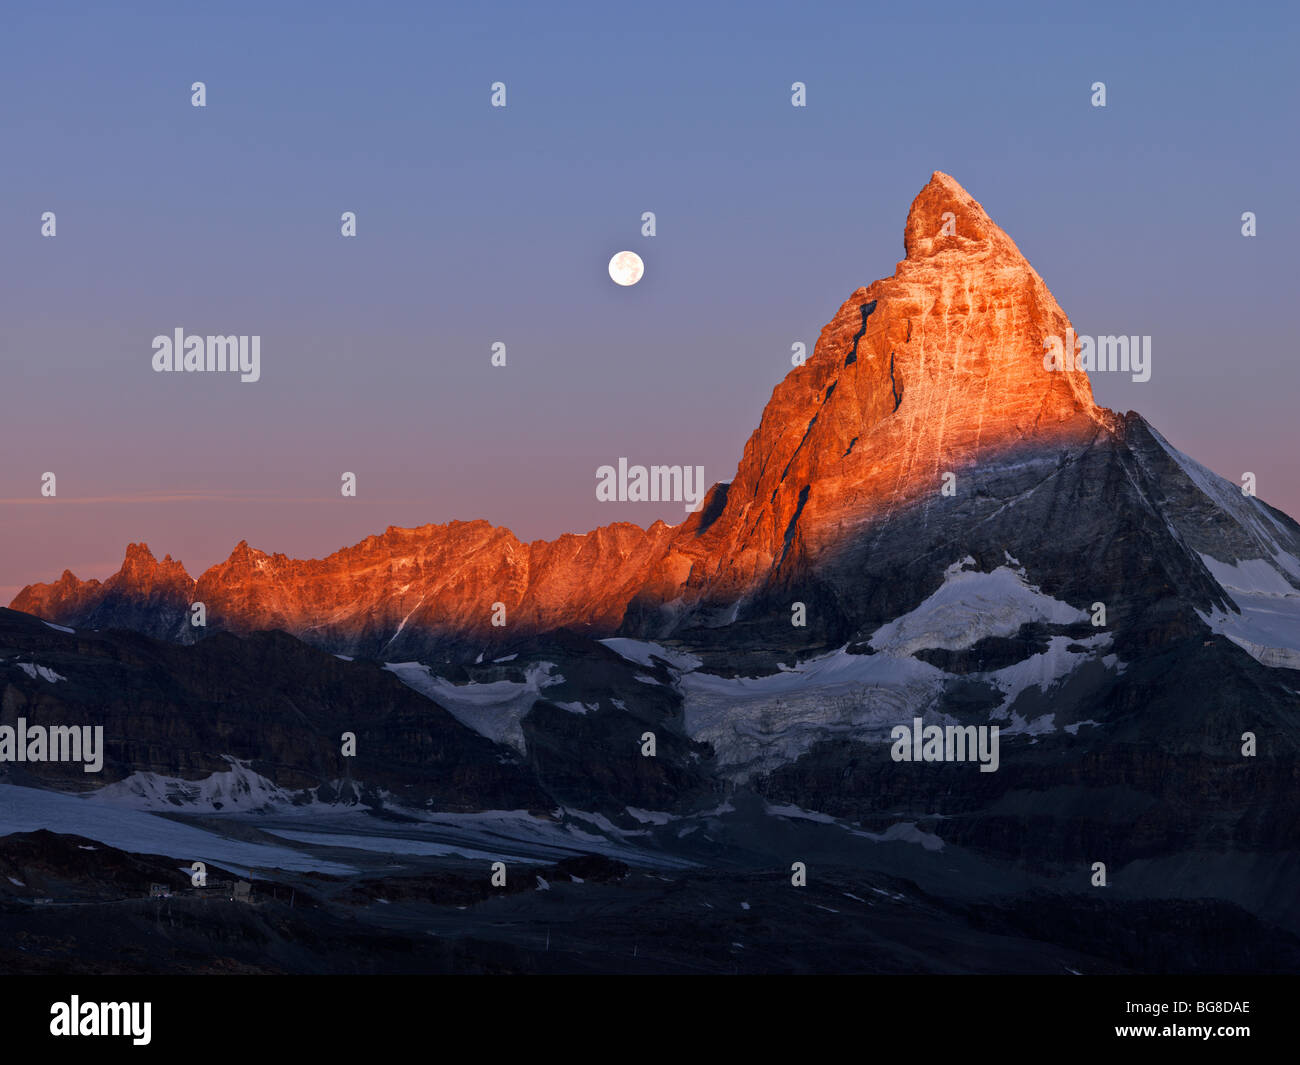 Suisse, Valais, Zermatt, le Gornergrat,lune se couche sur le Mont Cervin à l'aube Photo Stock